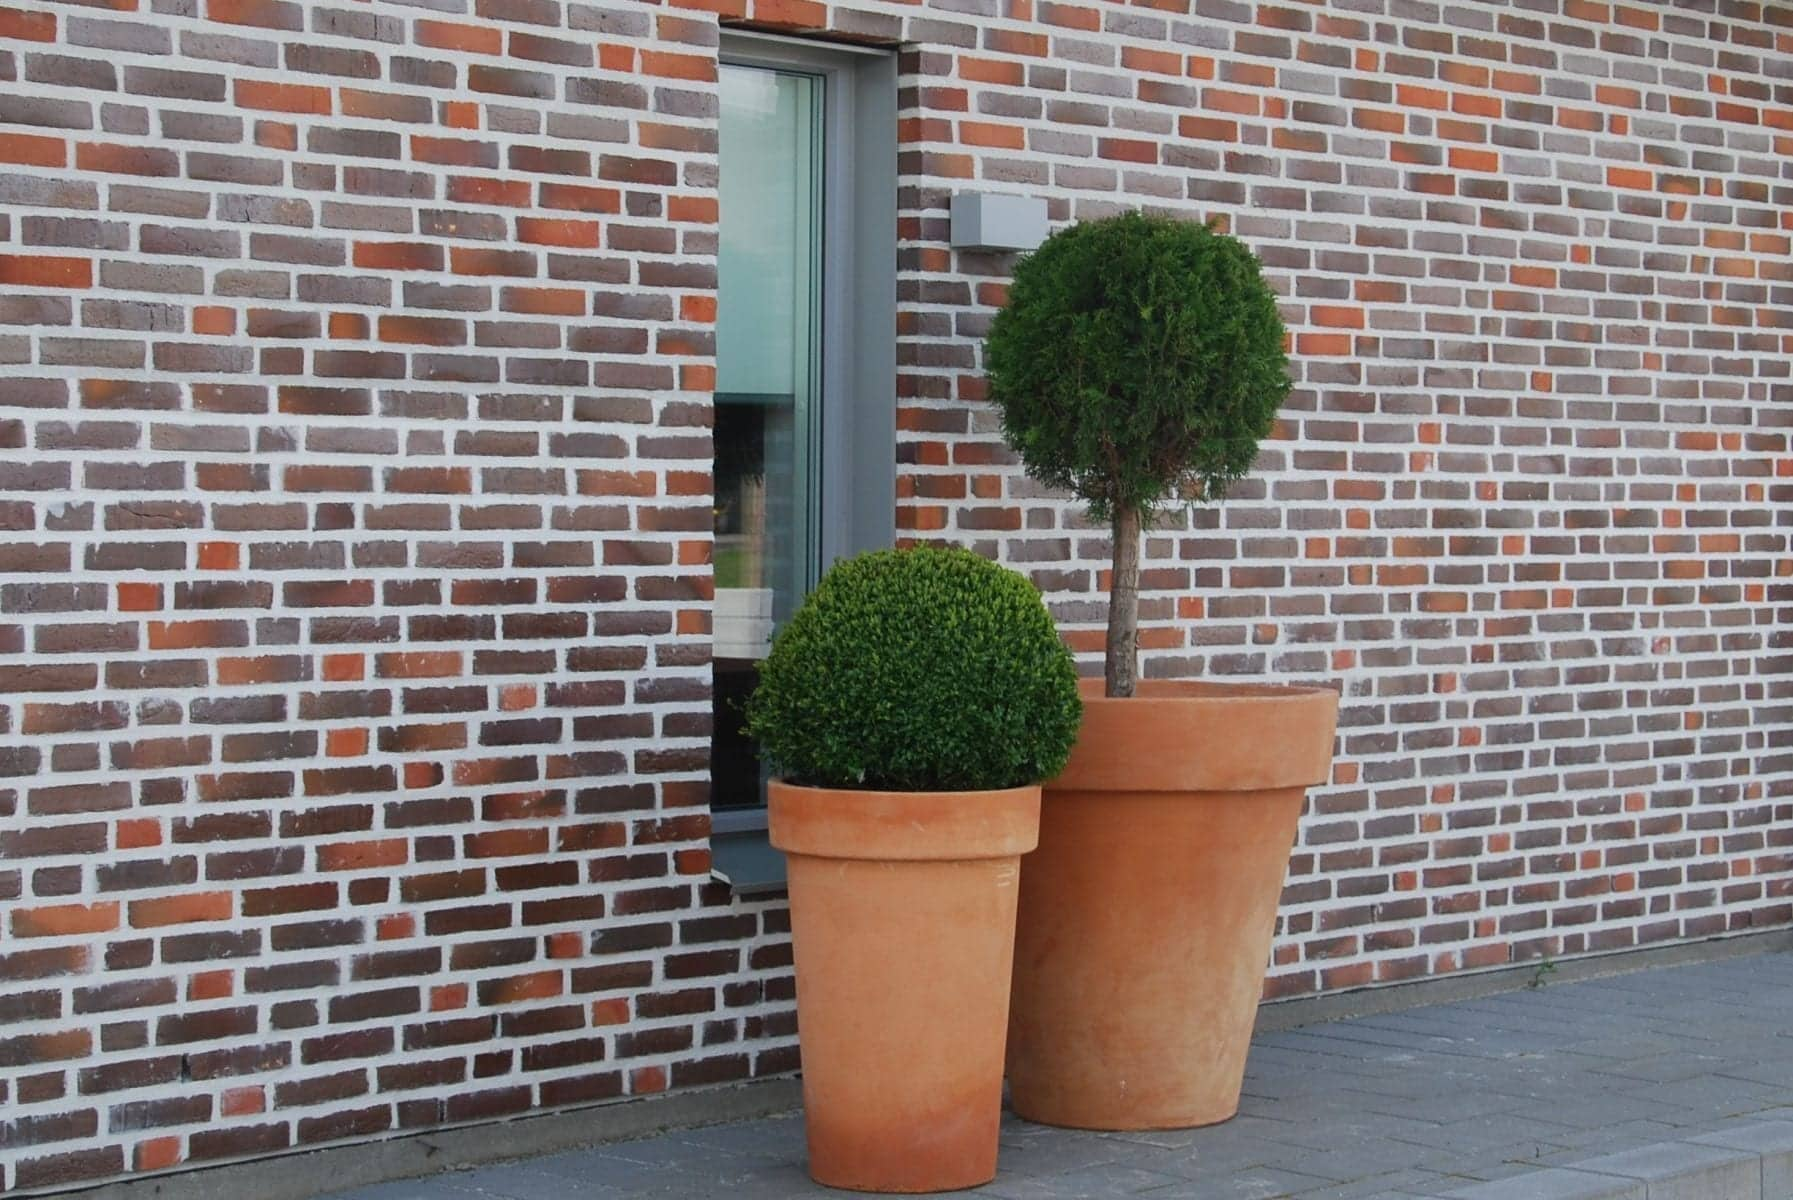 Vaso Liscio Bordo stora Italienska utekrukor Cadabra Design